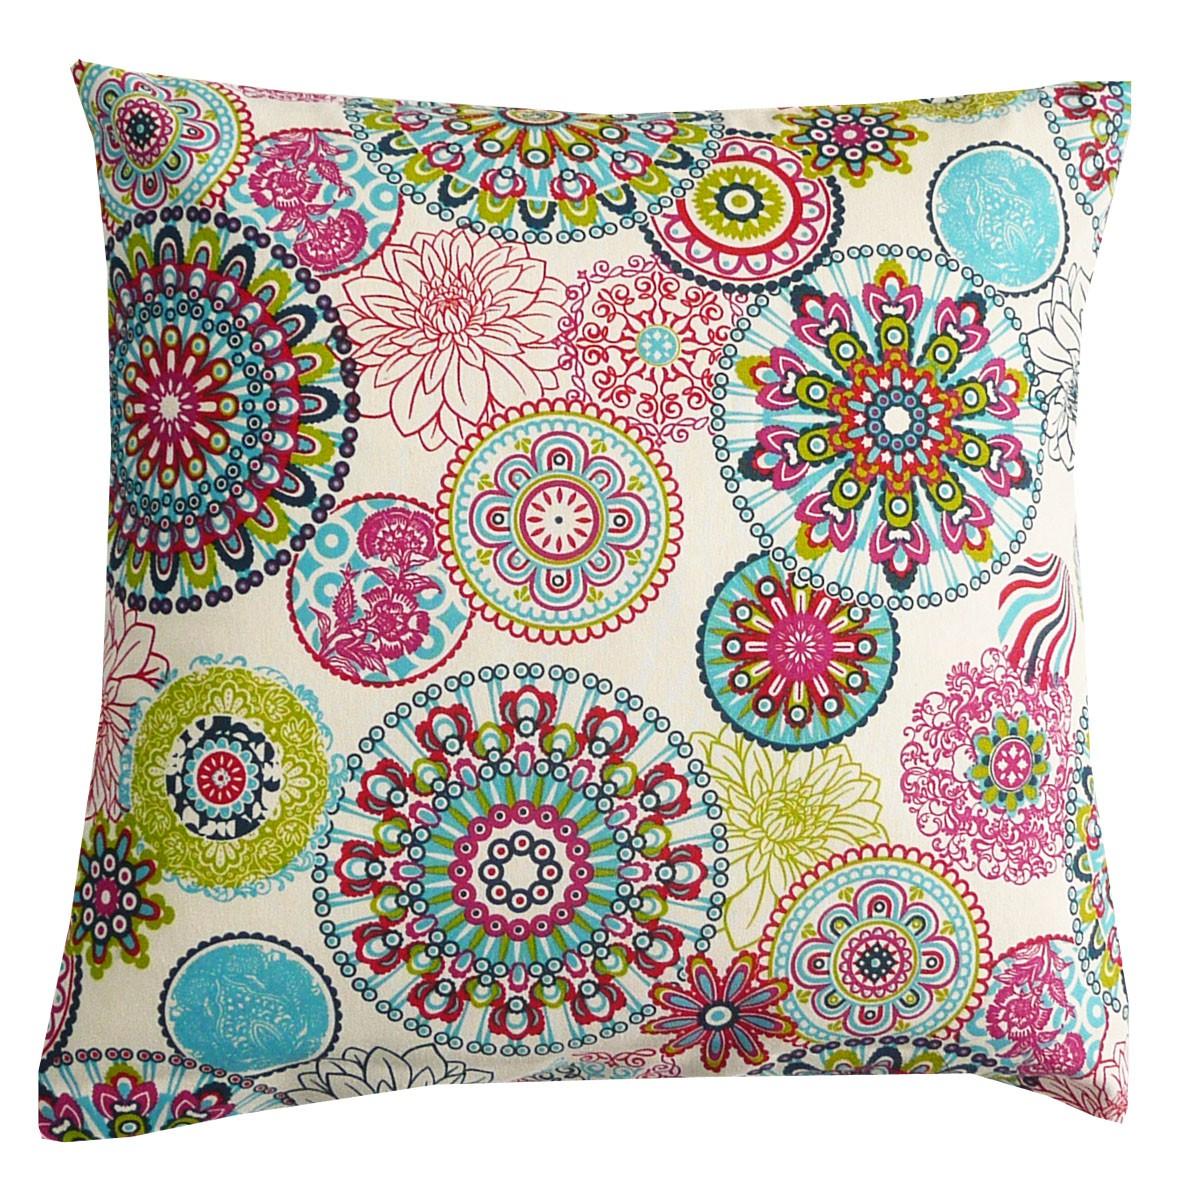 Schoner Leben Kissenhulle Mandala Blumen Muster Bunt 50x50cm